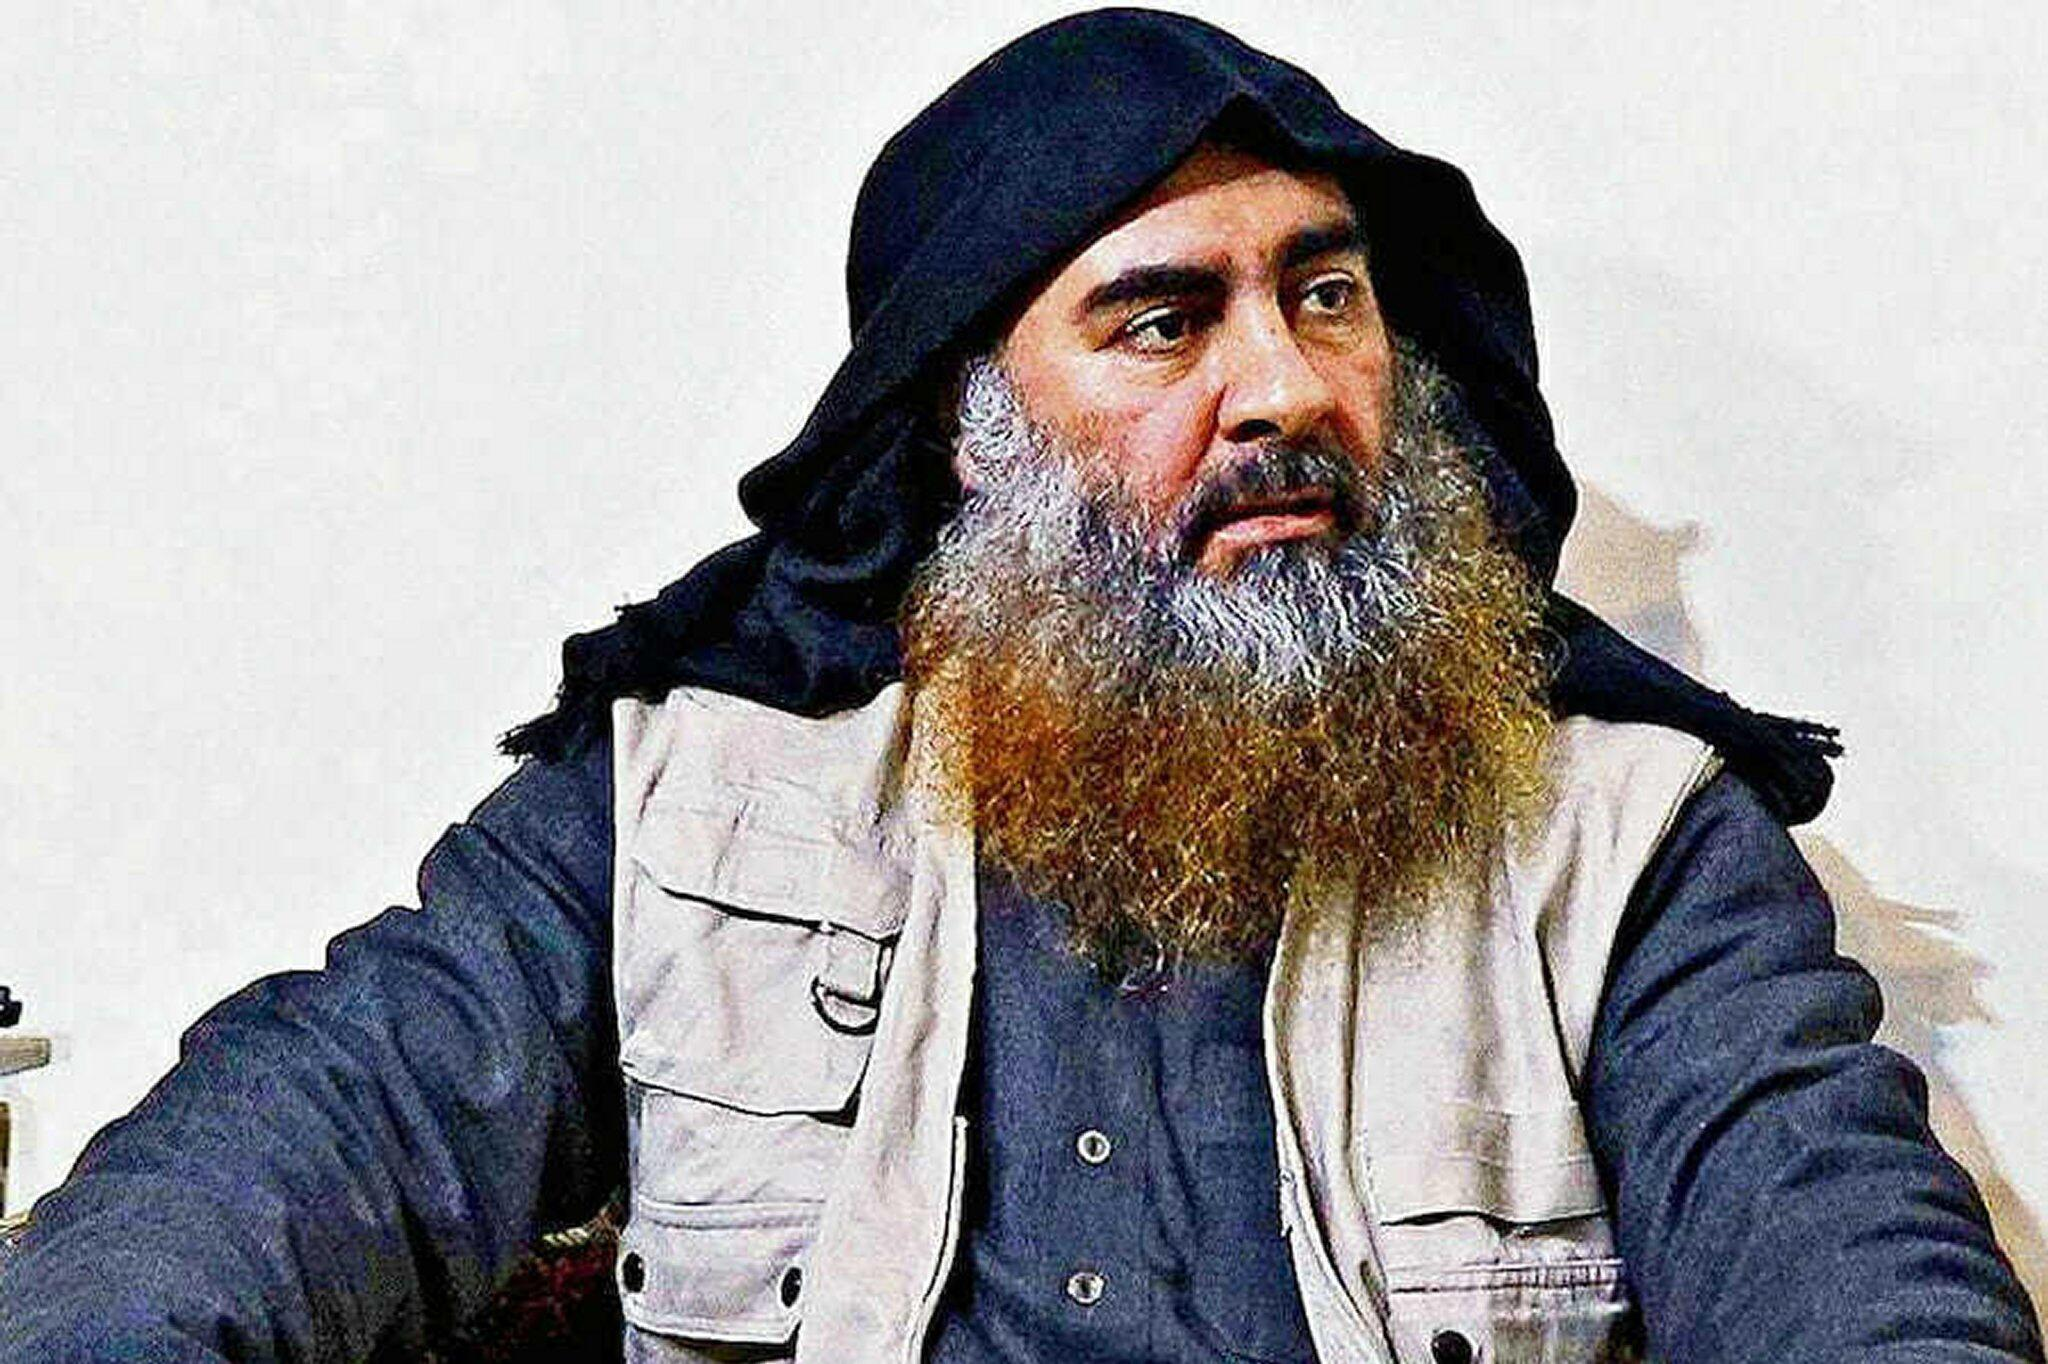 Bild zu Angriff auf IS-Anführer Al-Bagdadi in Syrien